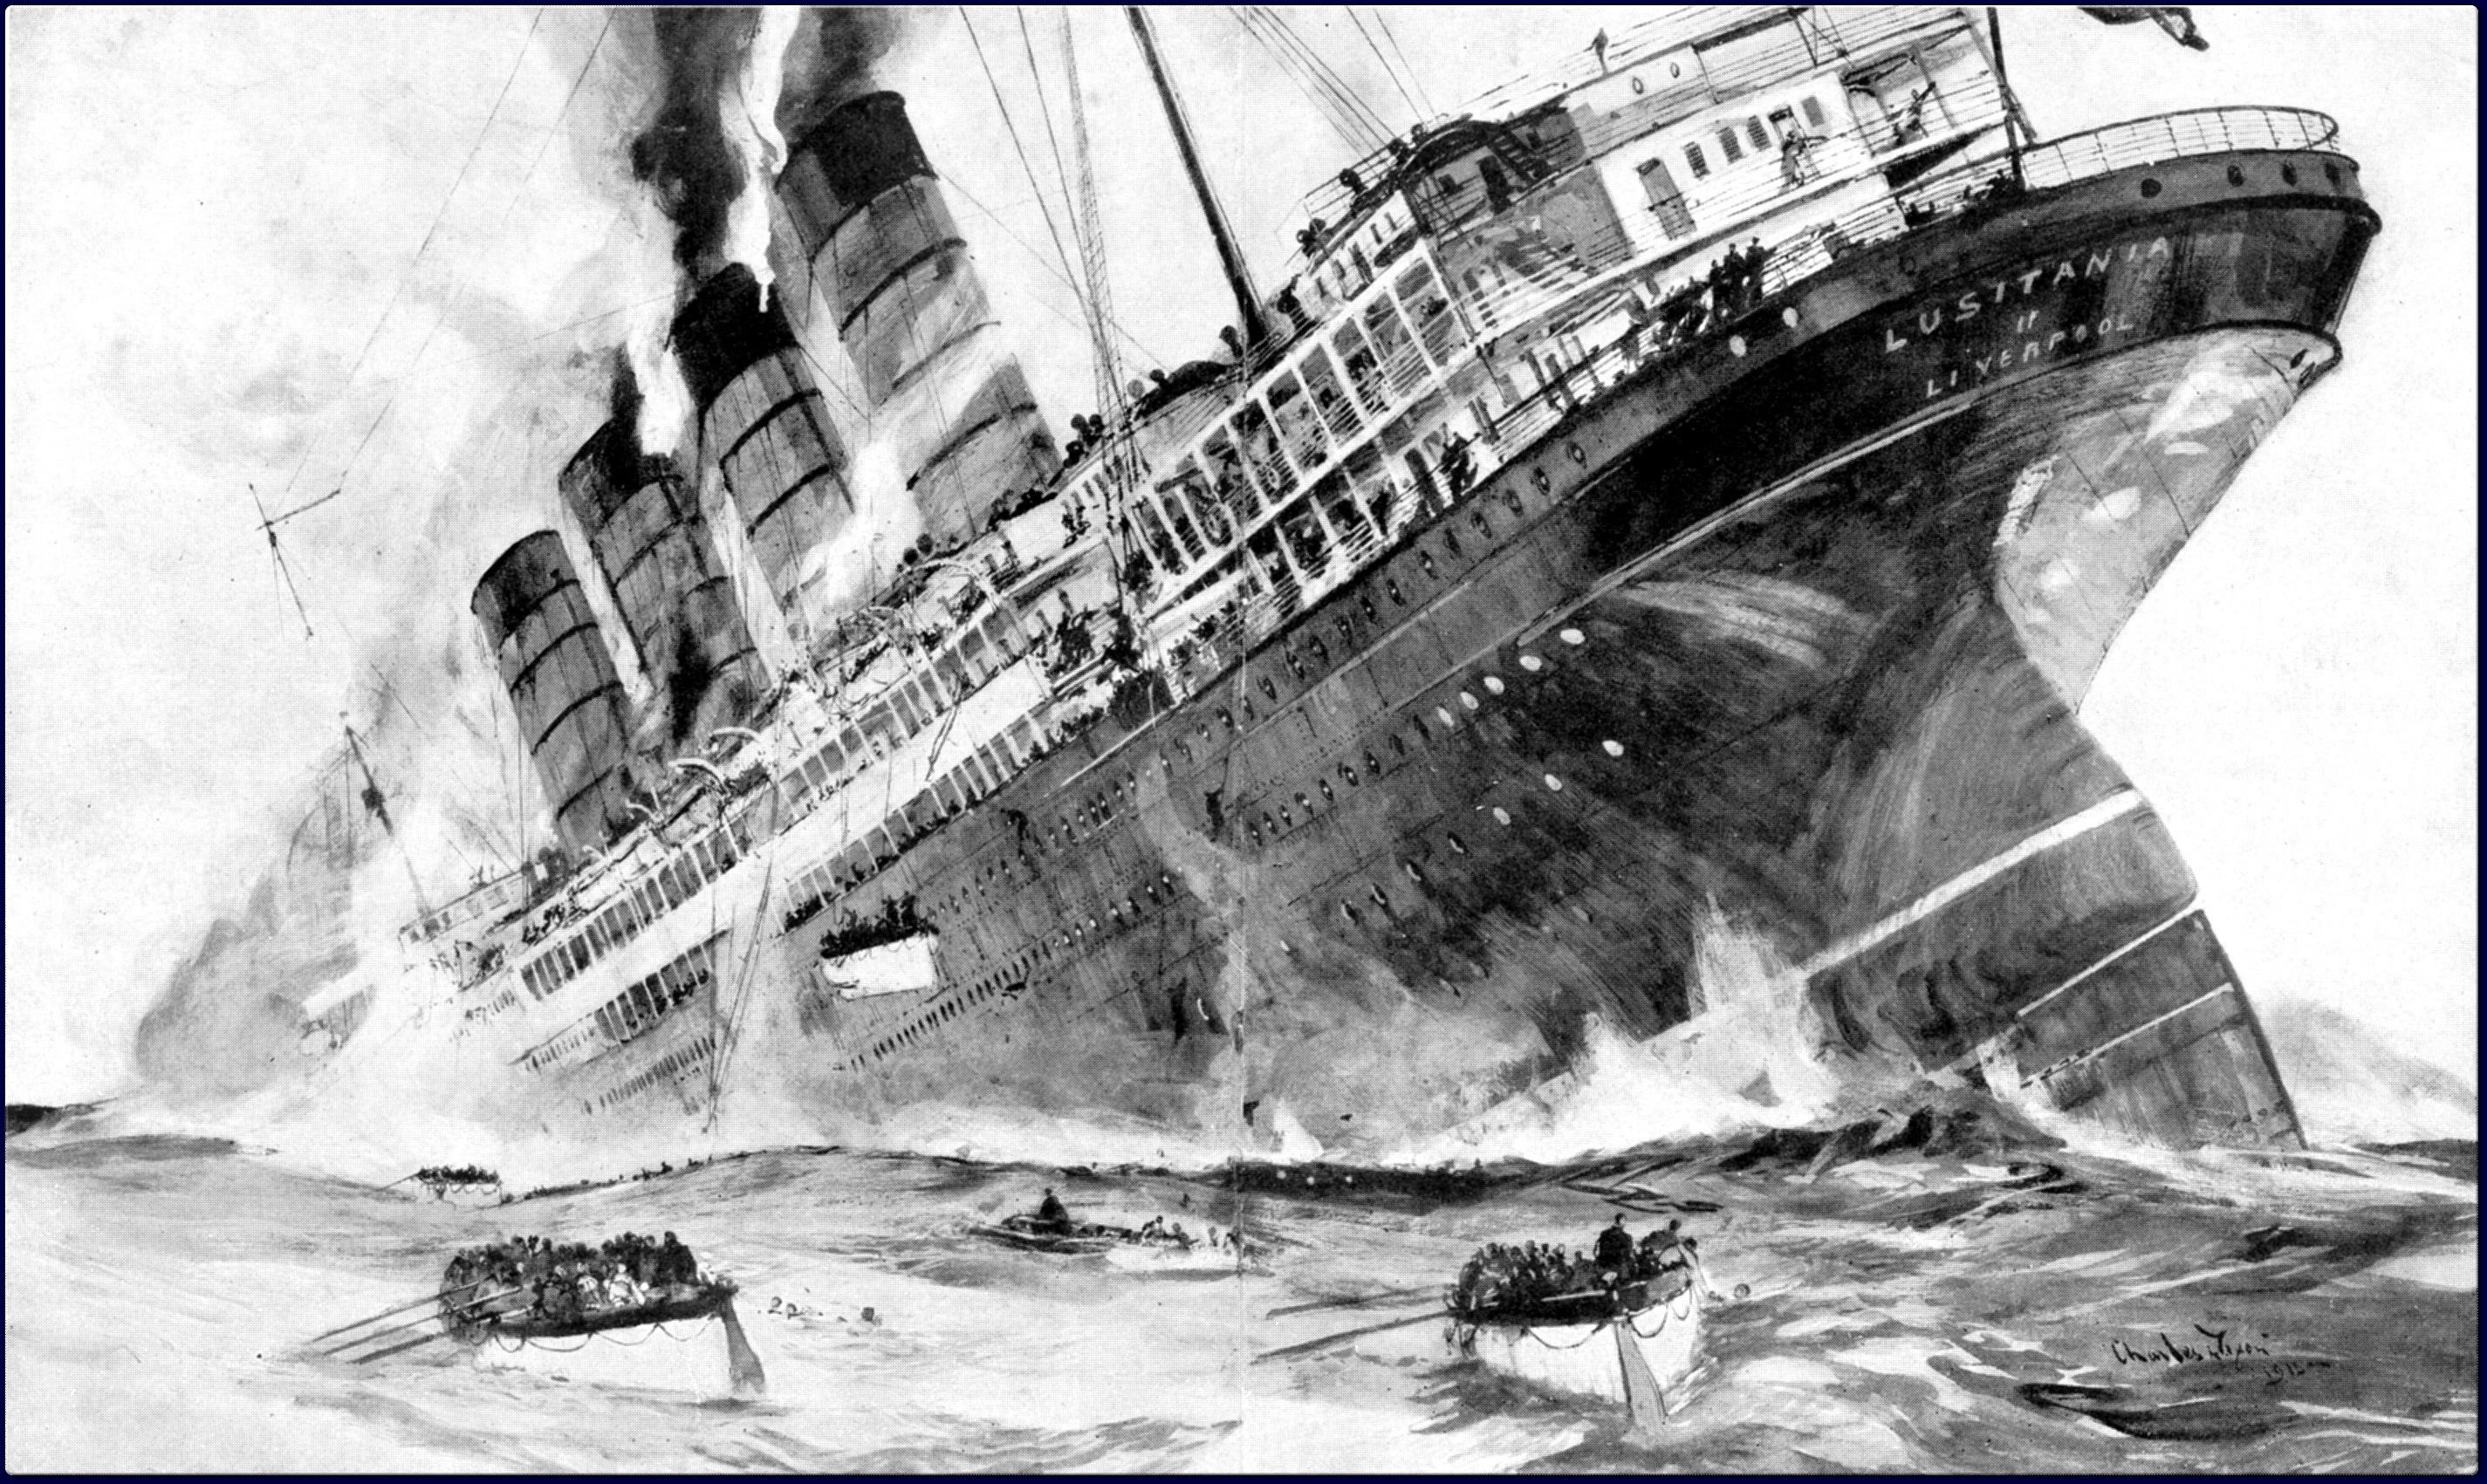 как олимпик потопил подводную лодку